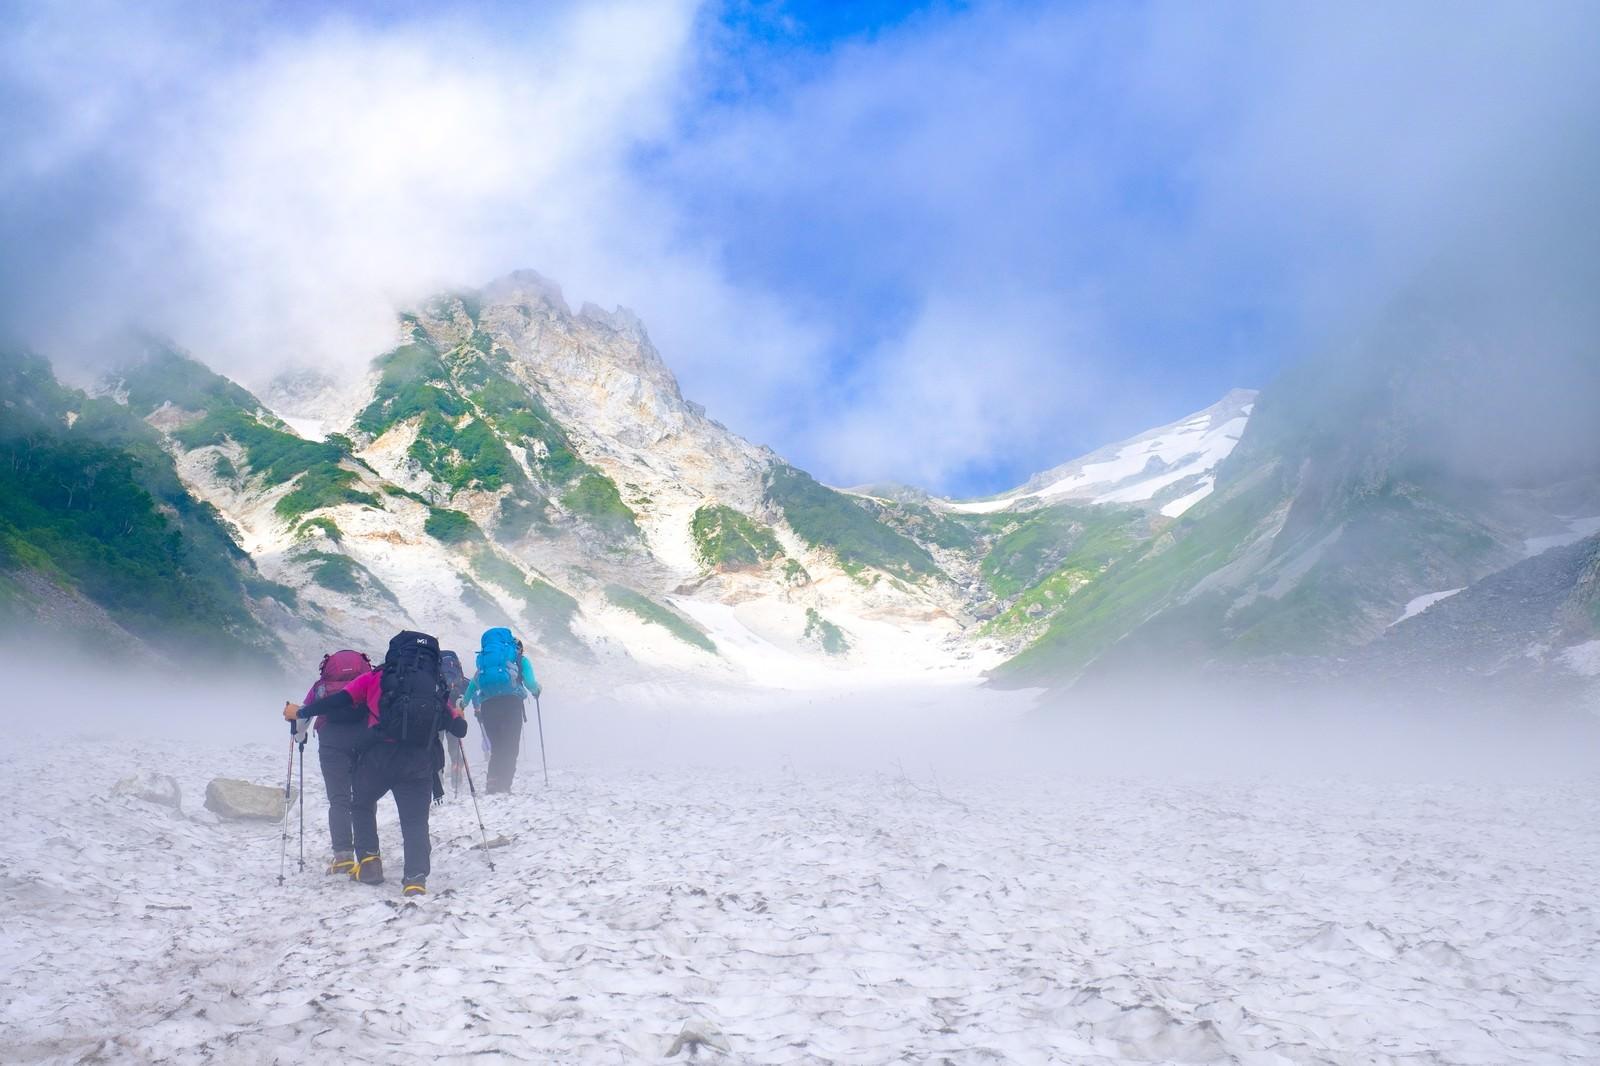 「ガスの合間から見える白馬岳と白馬大雪渓ガスの合間から見える白馬岳と白馬大雪渓」のフリー写真素材を拡大